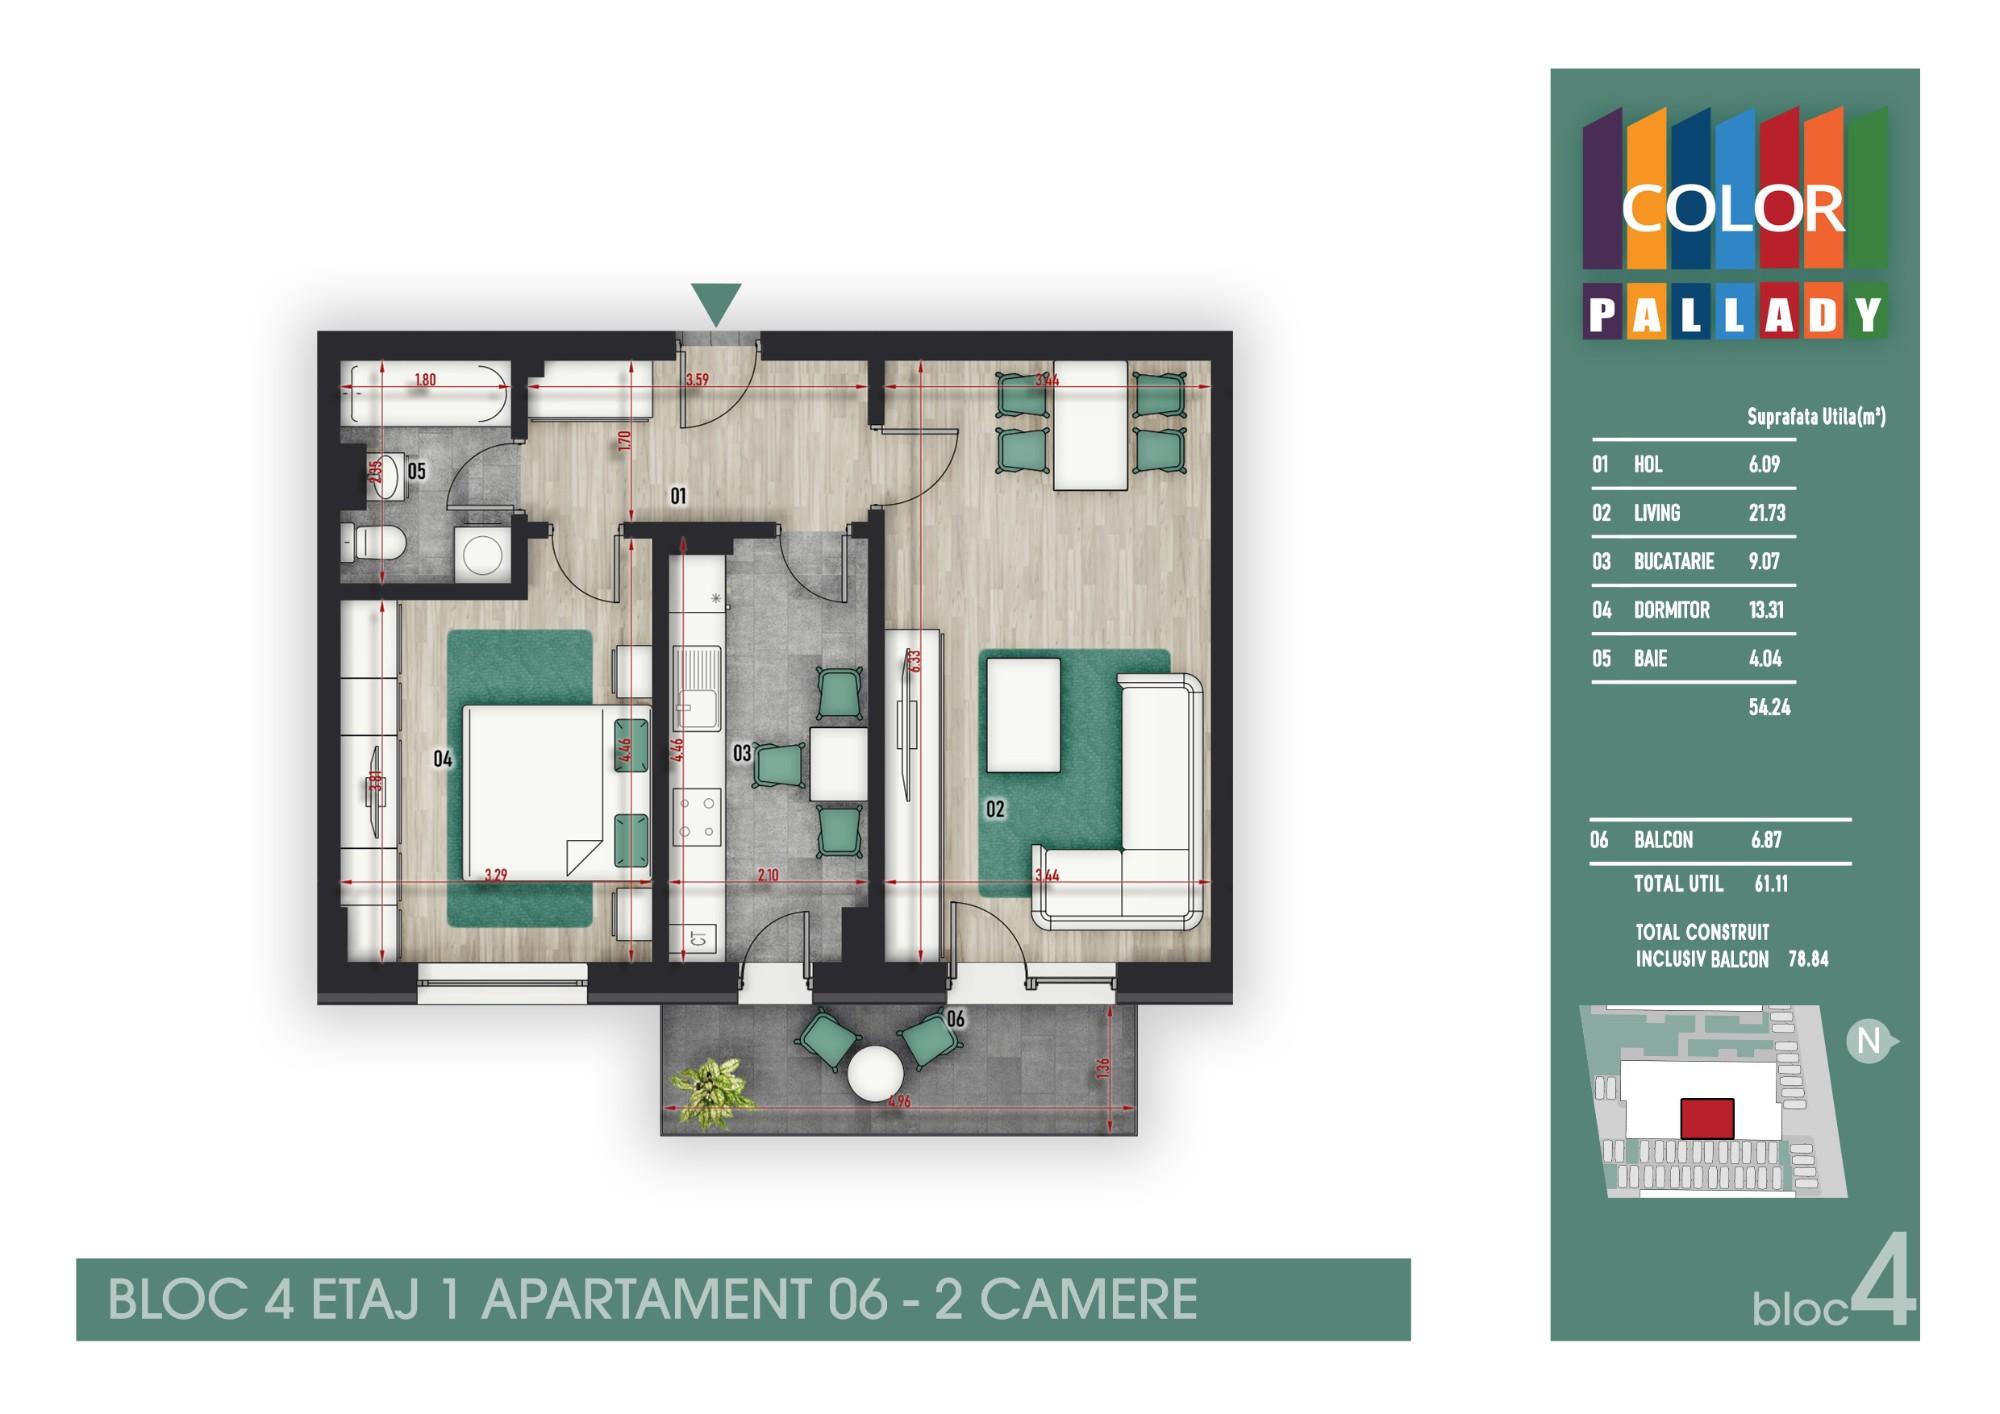 Bloc 4 - Etaj 1 - Apartament 06